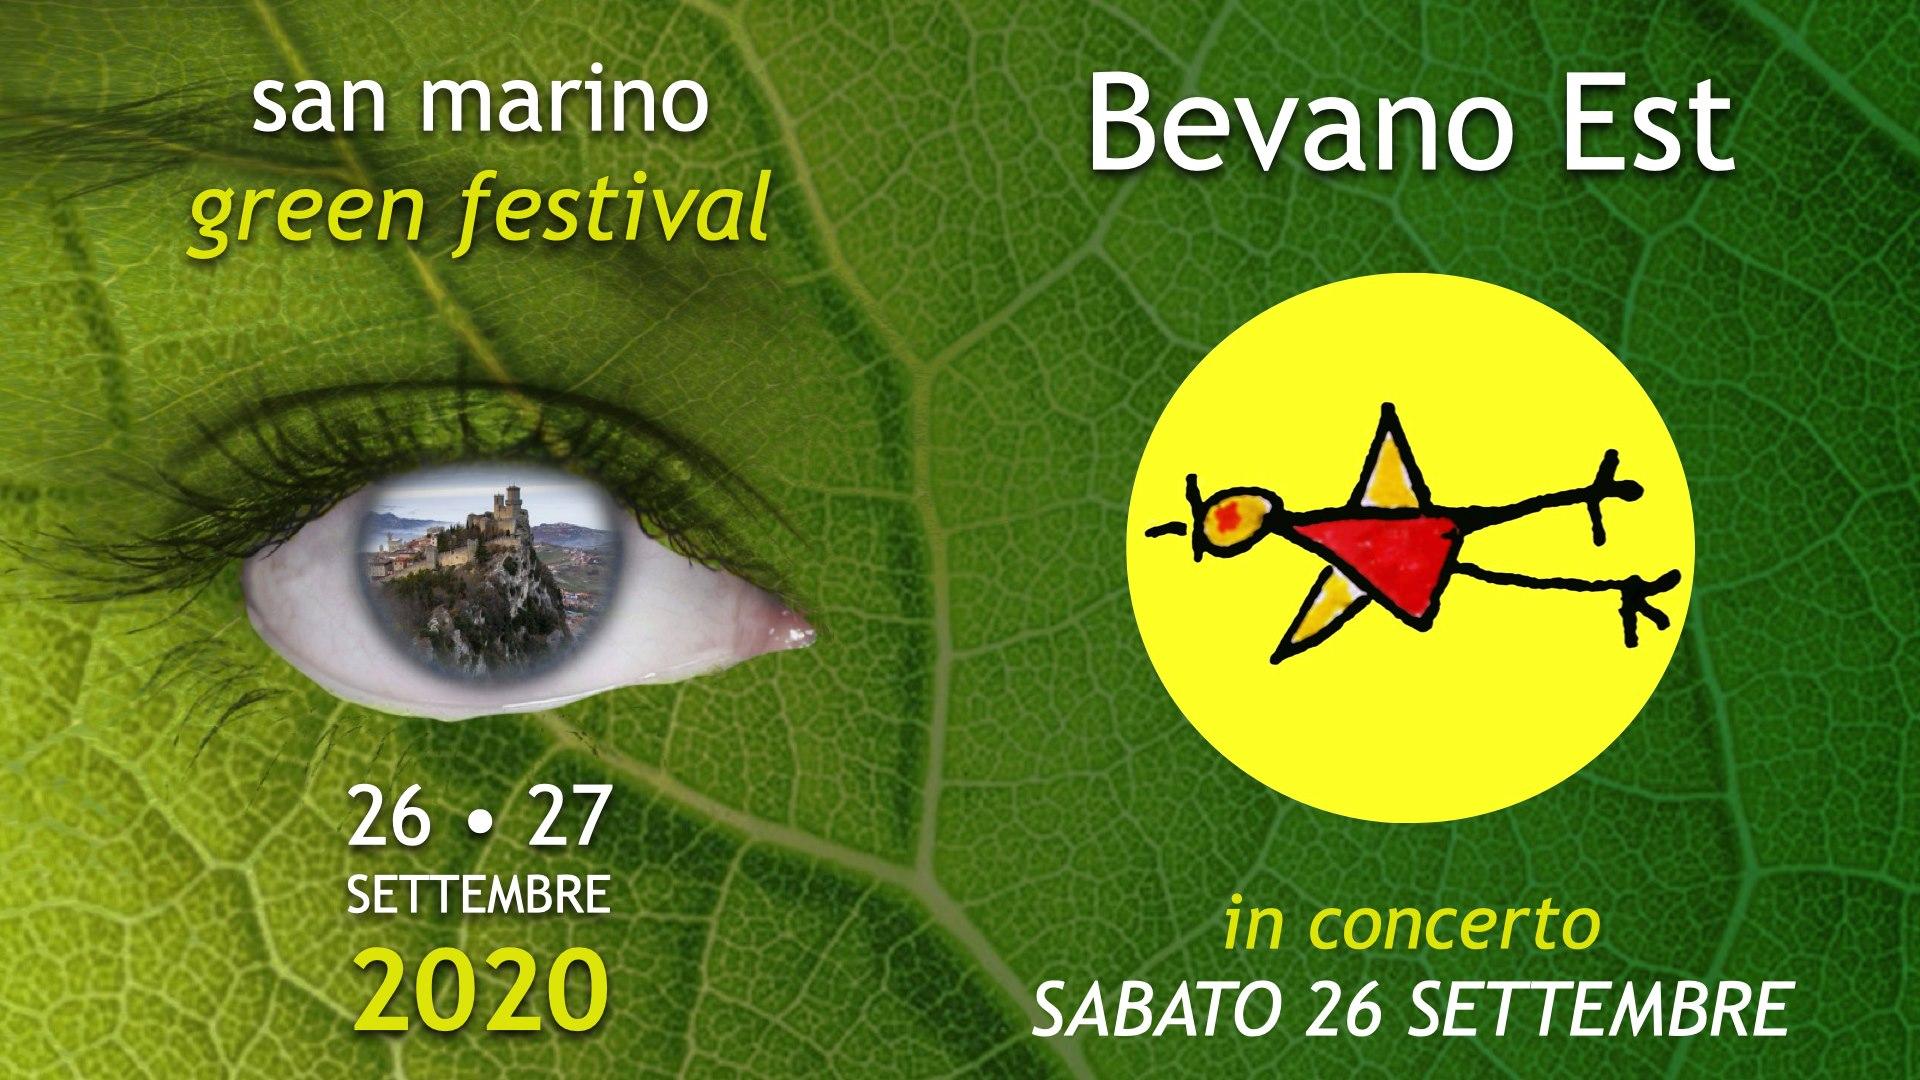 san marino, green festival 26 e 27 settembre 2020